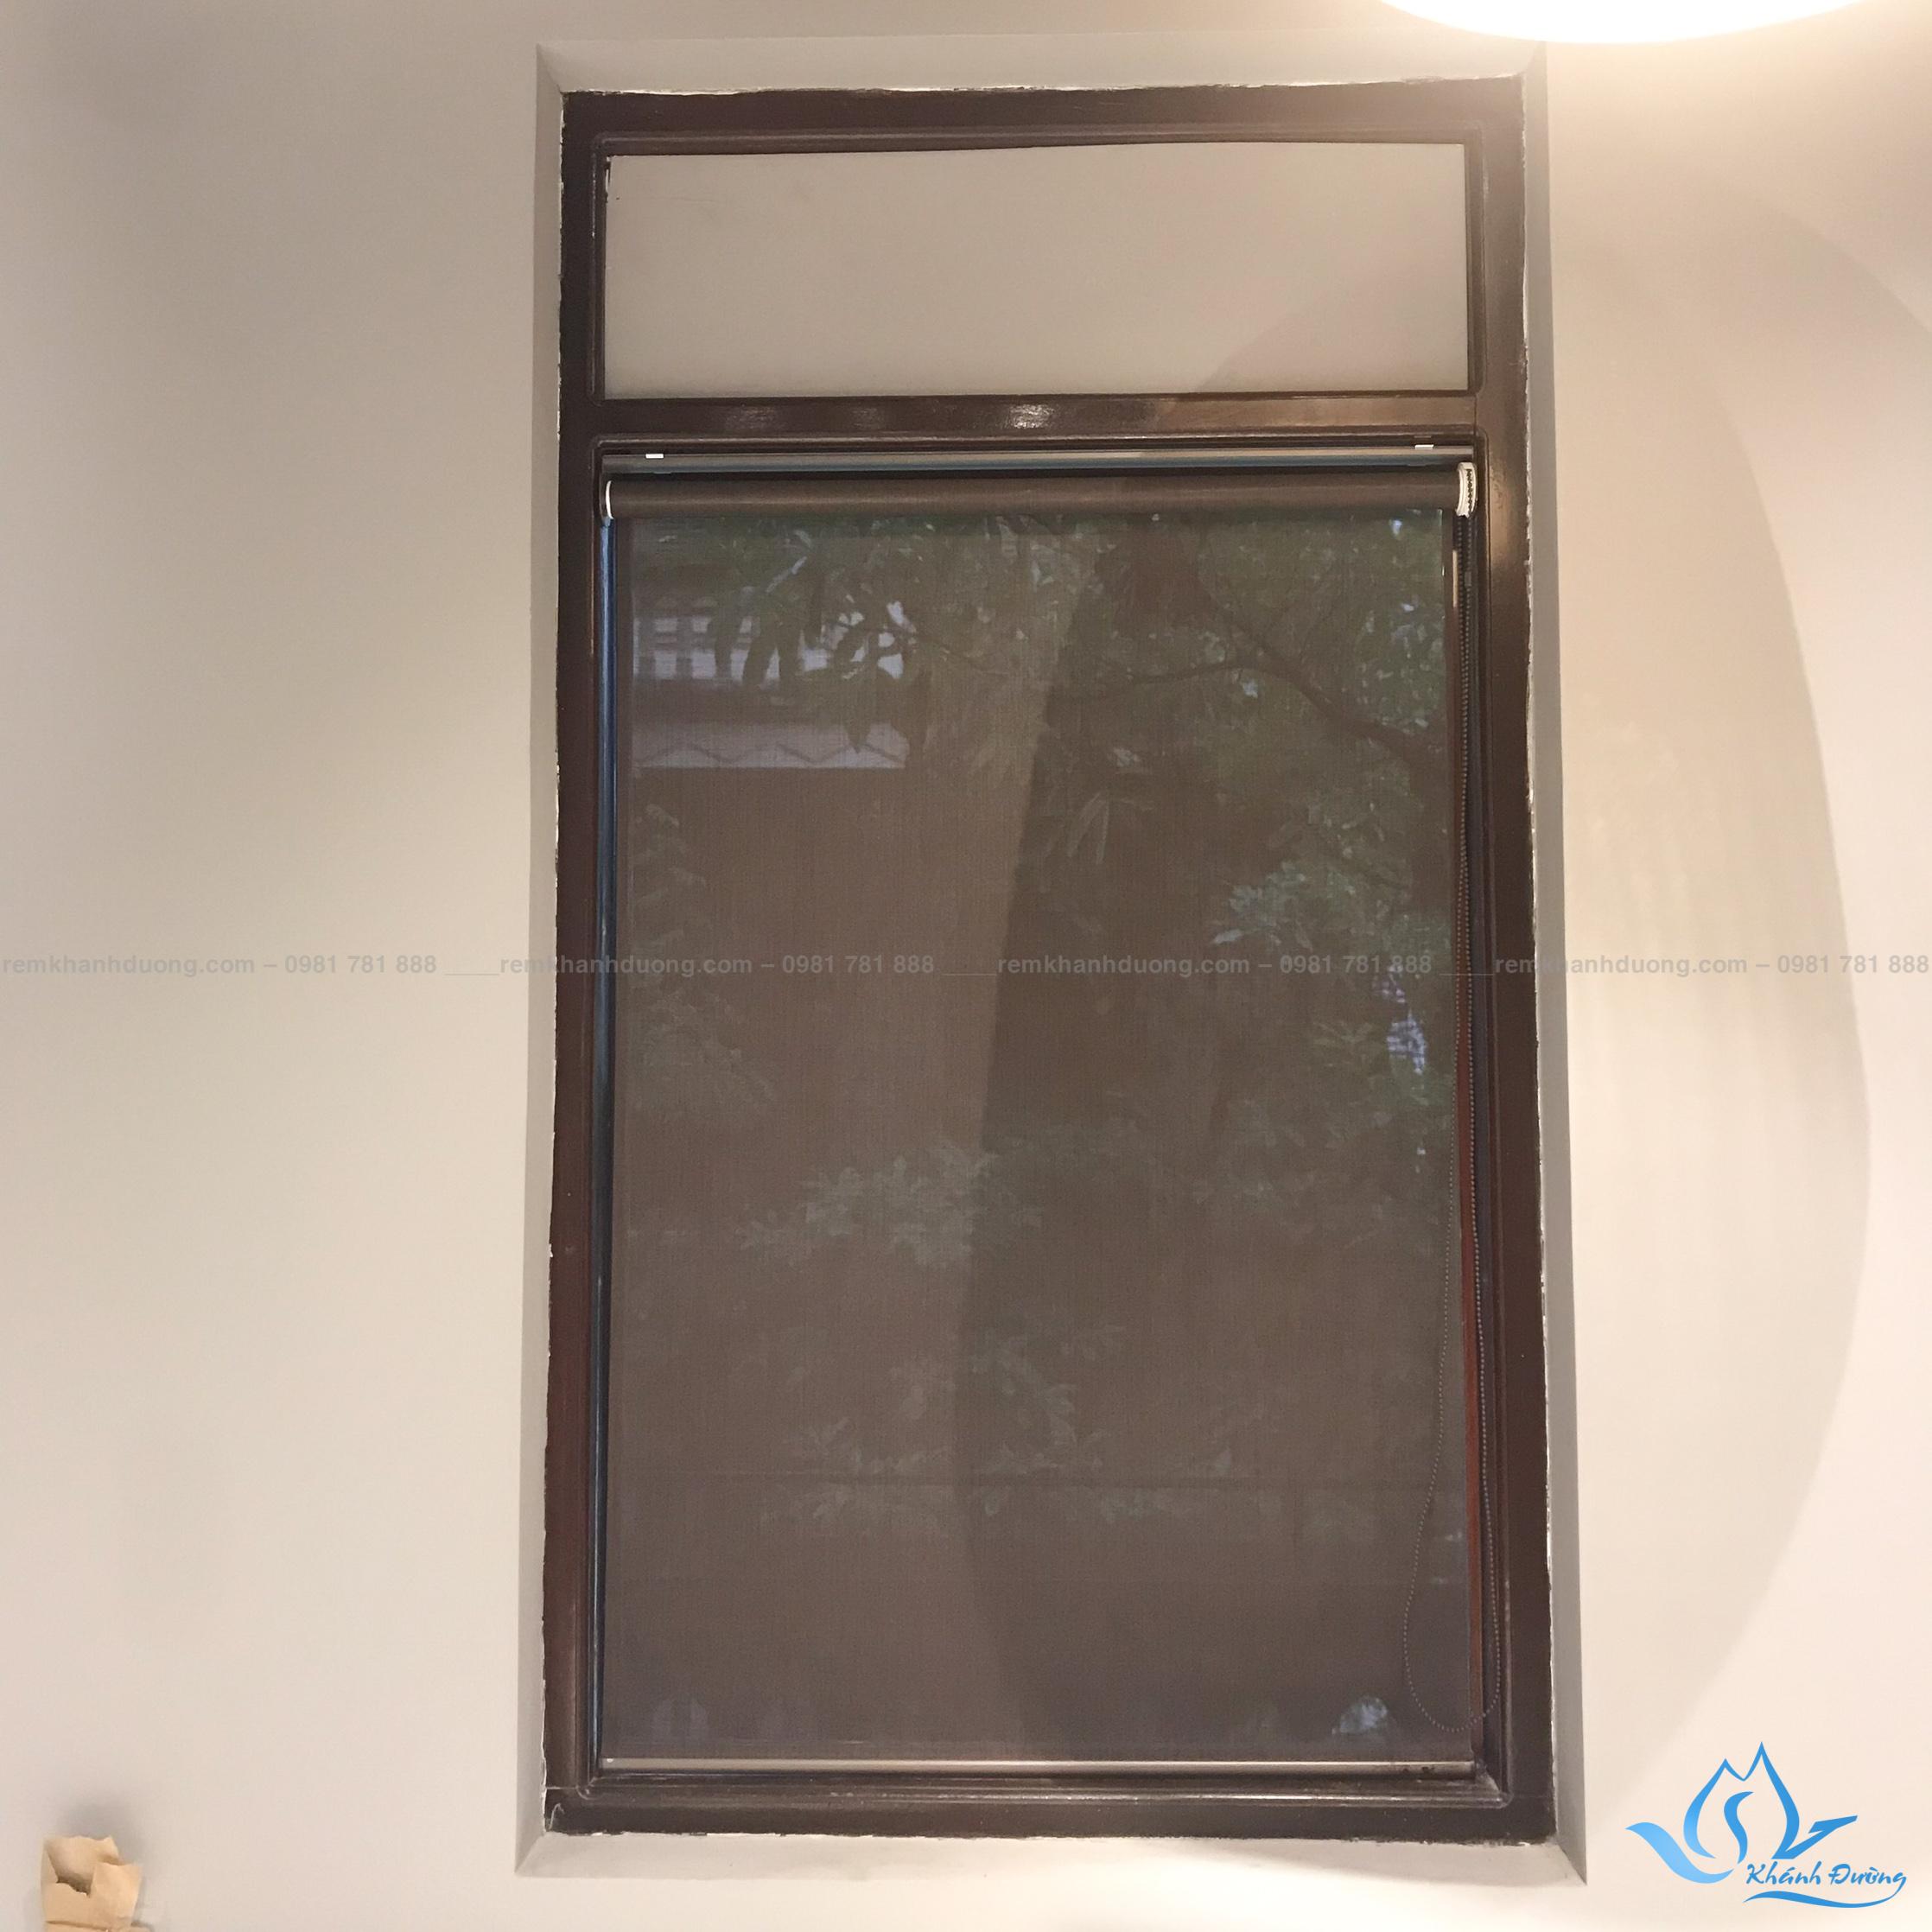 Chất liệu rèm cuốn lưới A4002 được làm từ polyester và nhựa pvc